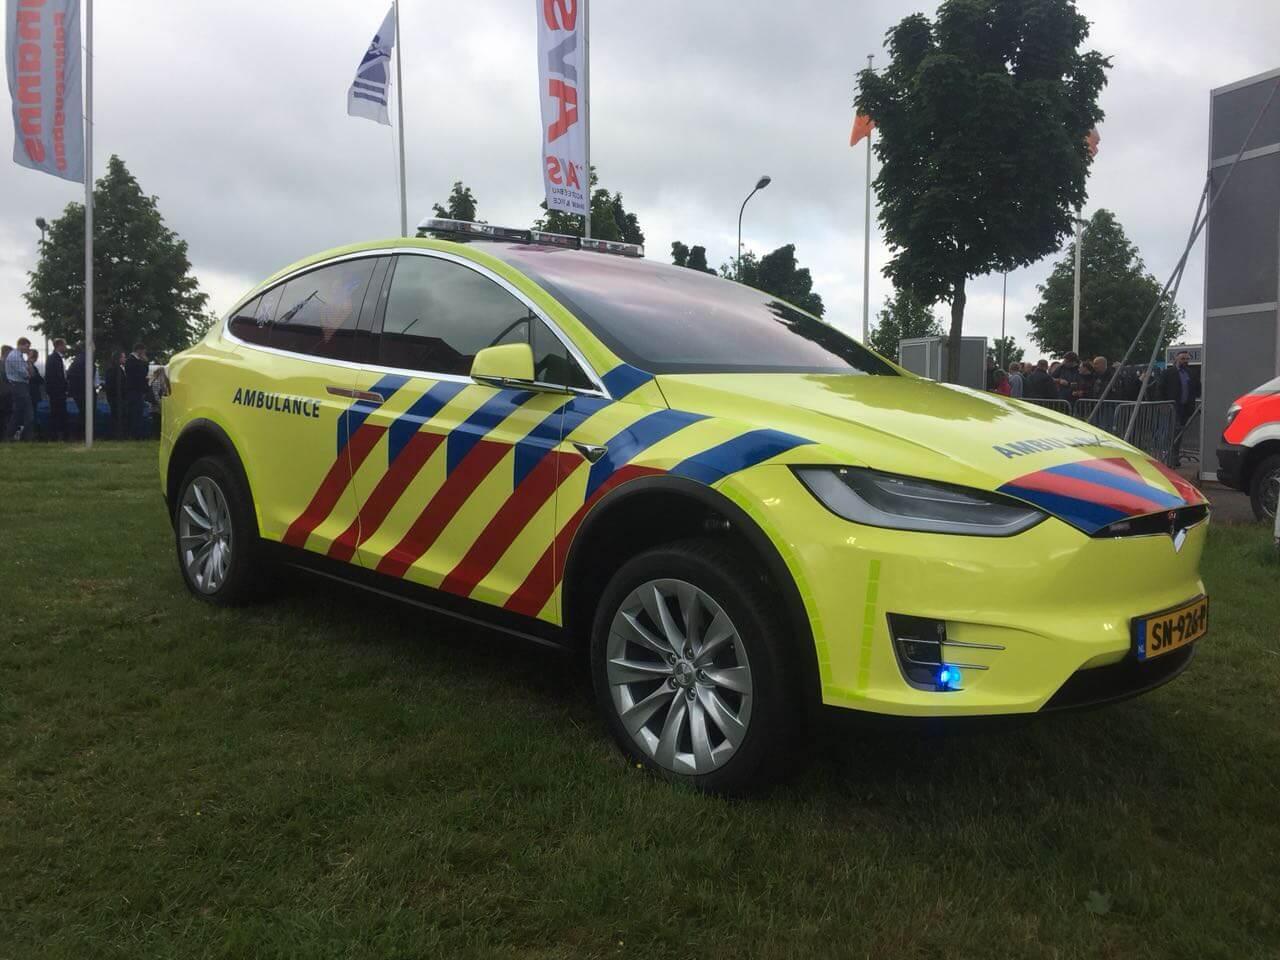 Tesla Model X став першим електромобілем швидкої допомоги в Нідерландах